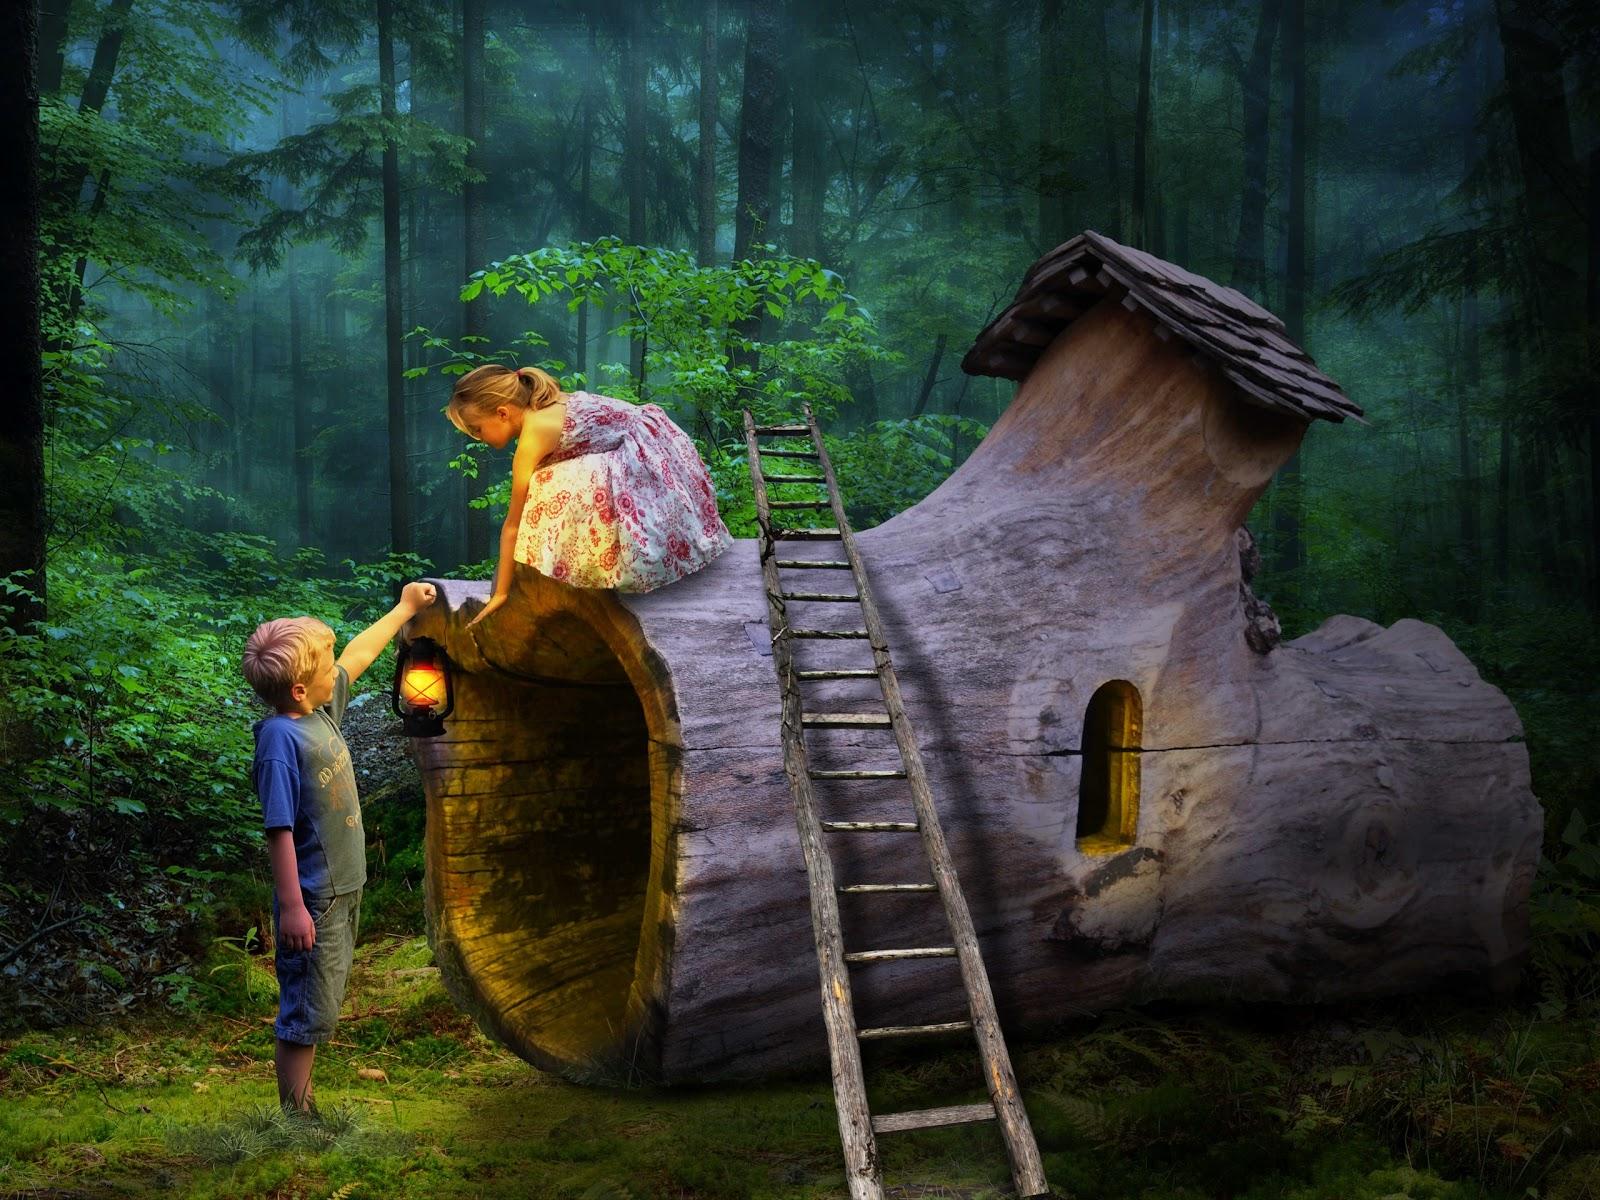 森の中での発見の幻想的な様子